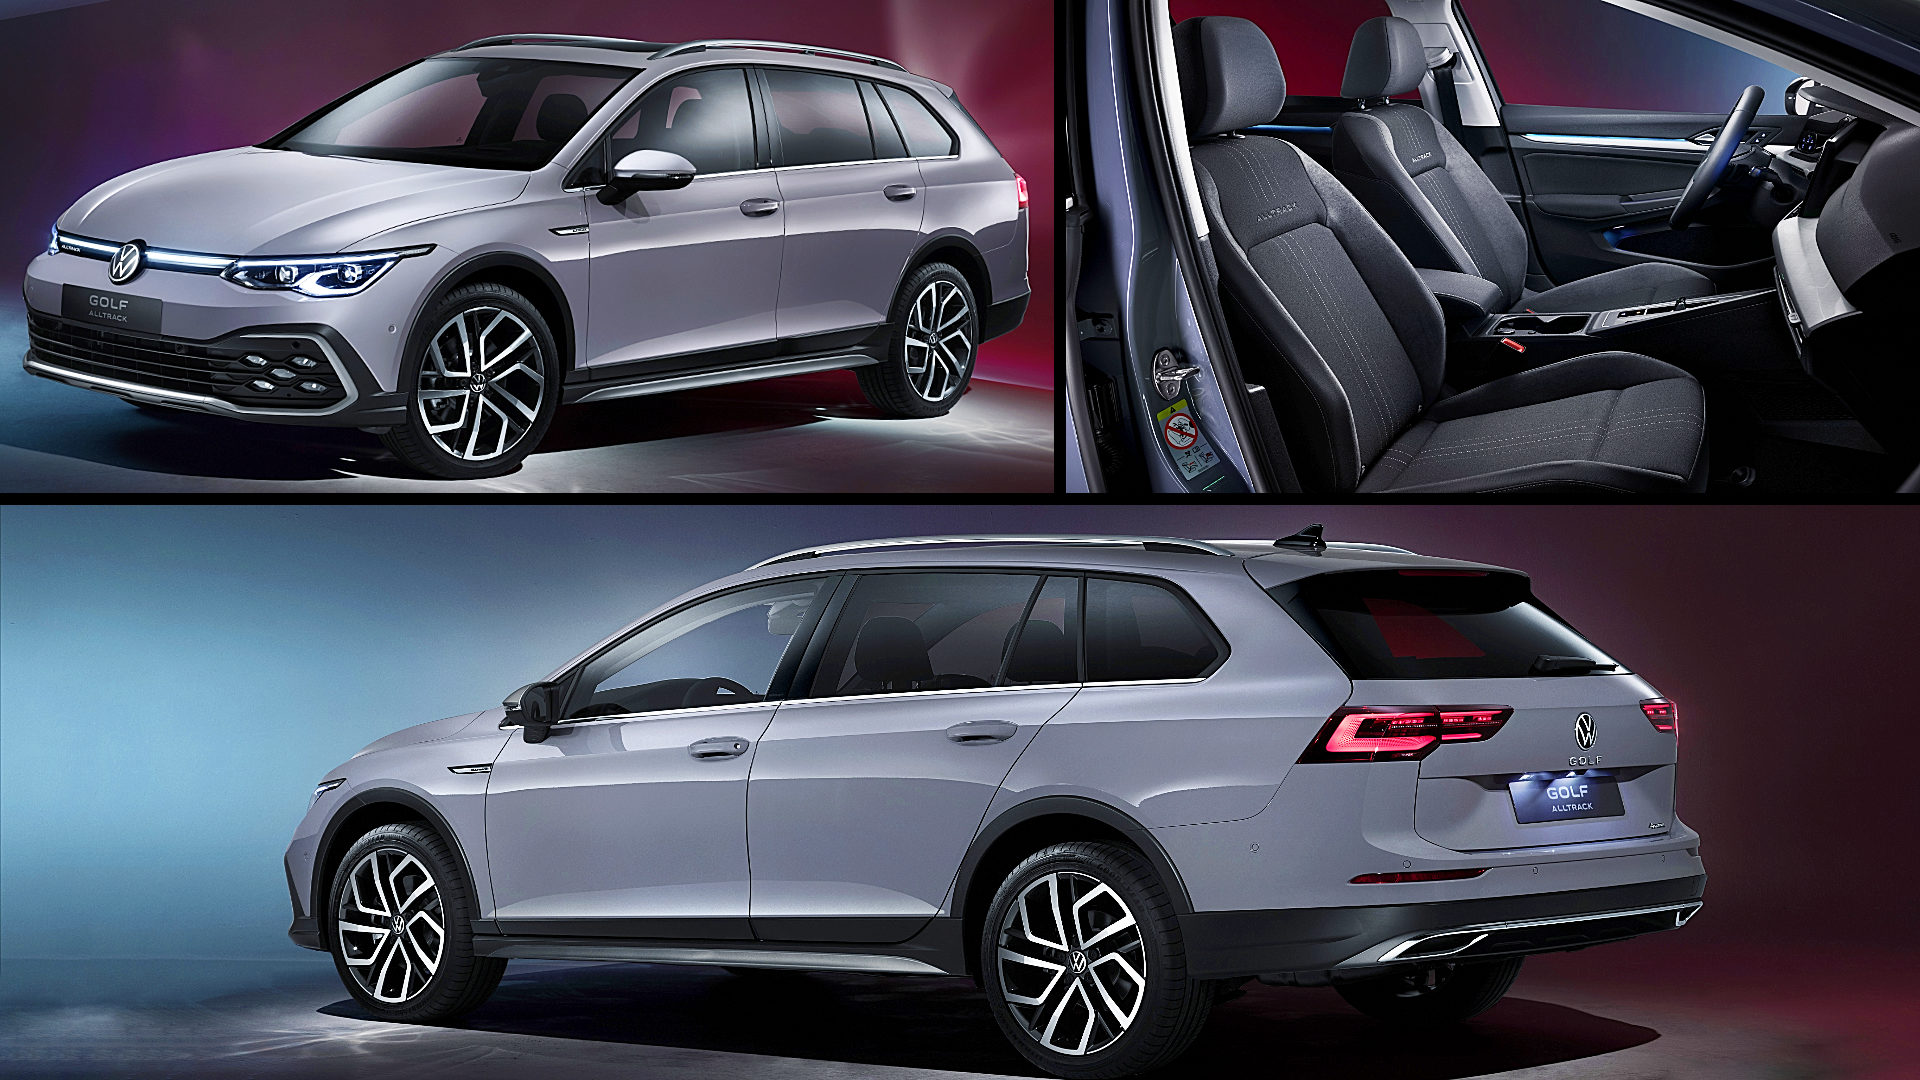 2021 Volkswagen Golf Alltrack Images Pictures